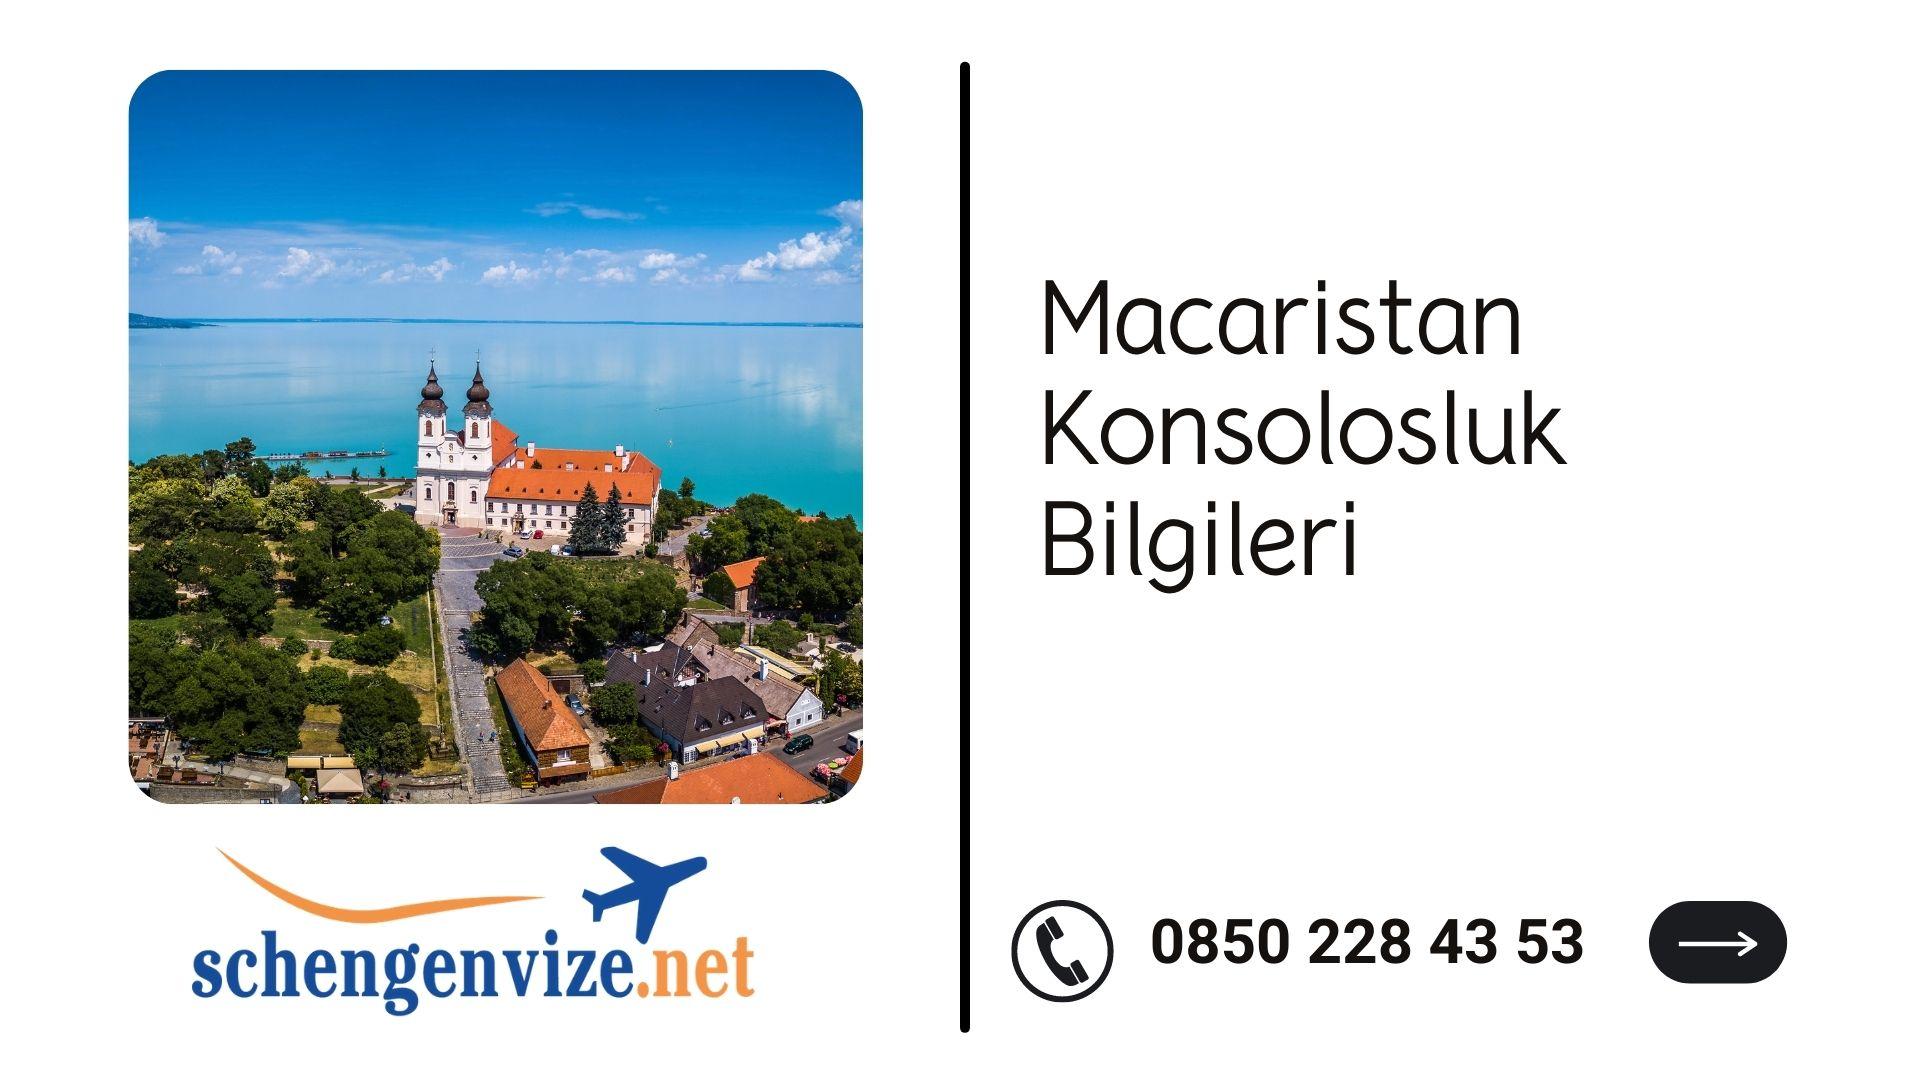 Macaristan Konsolosluk Bilgileri